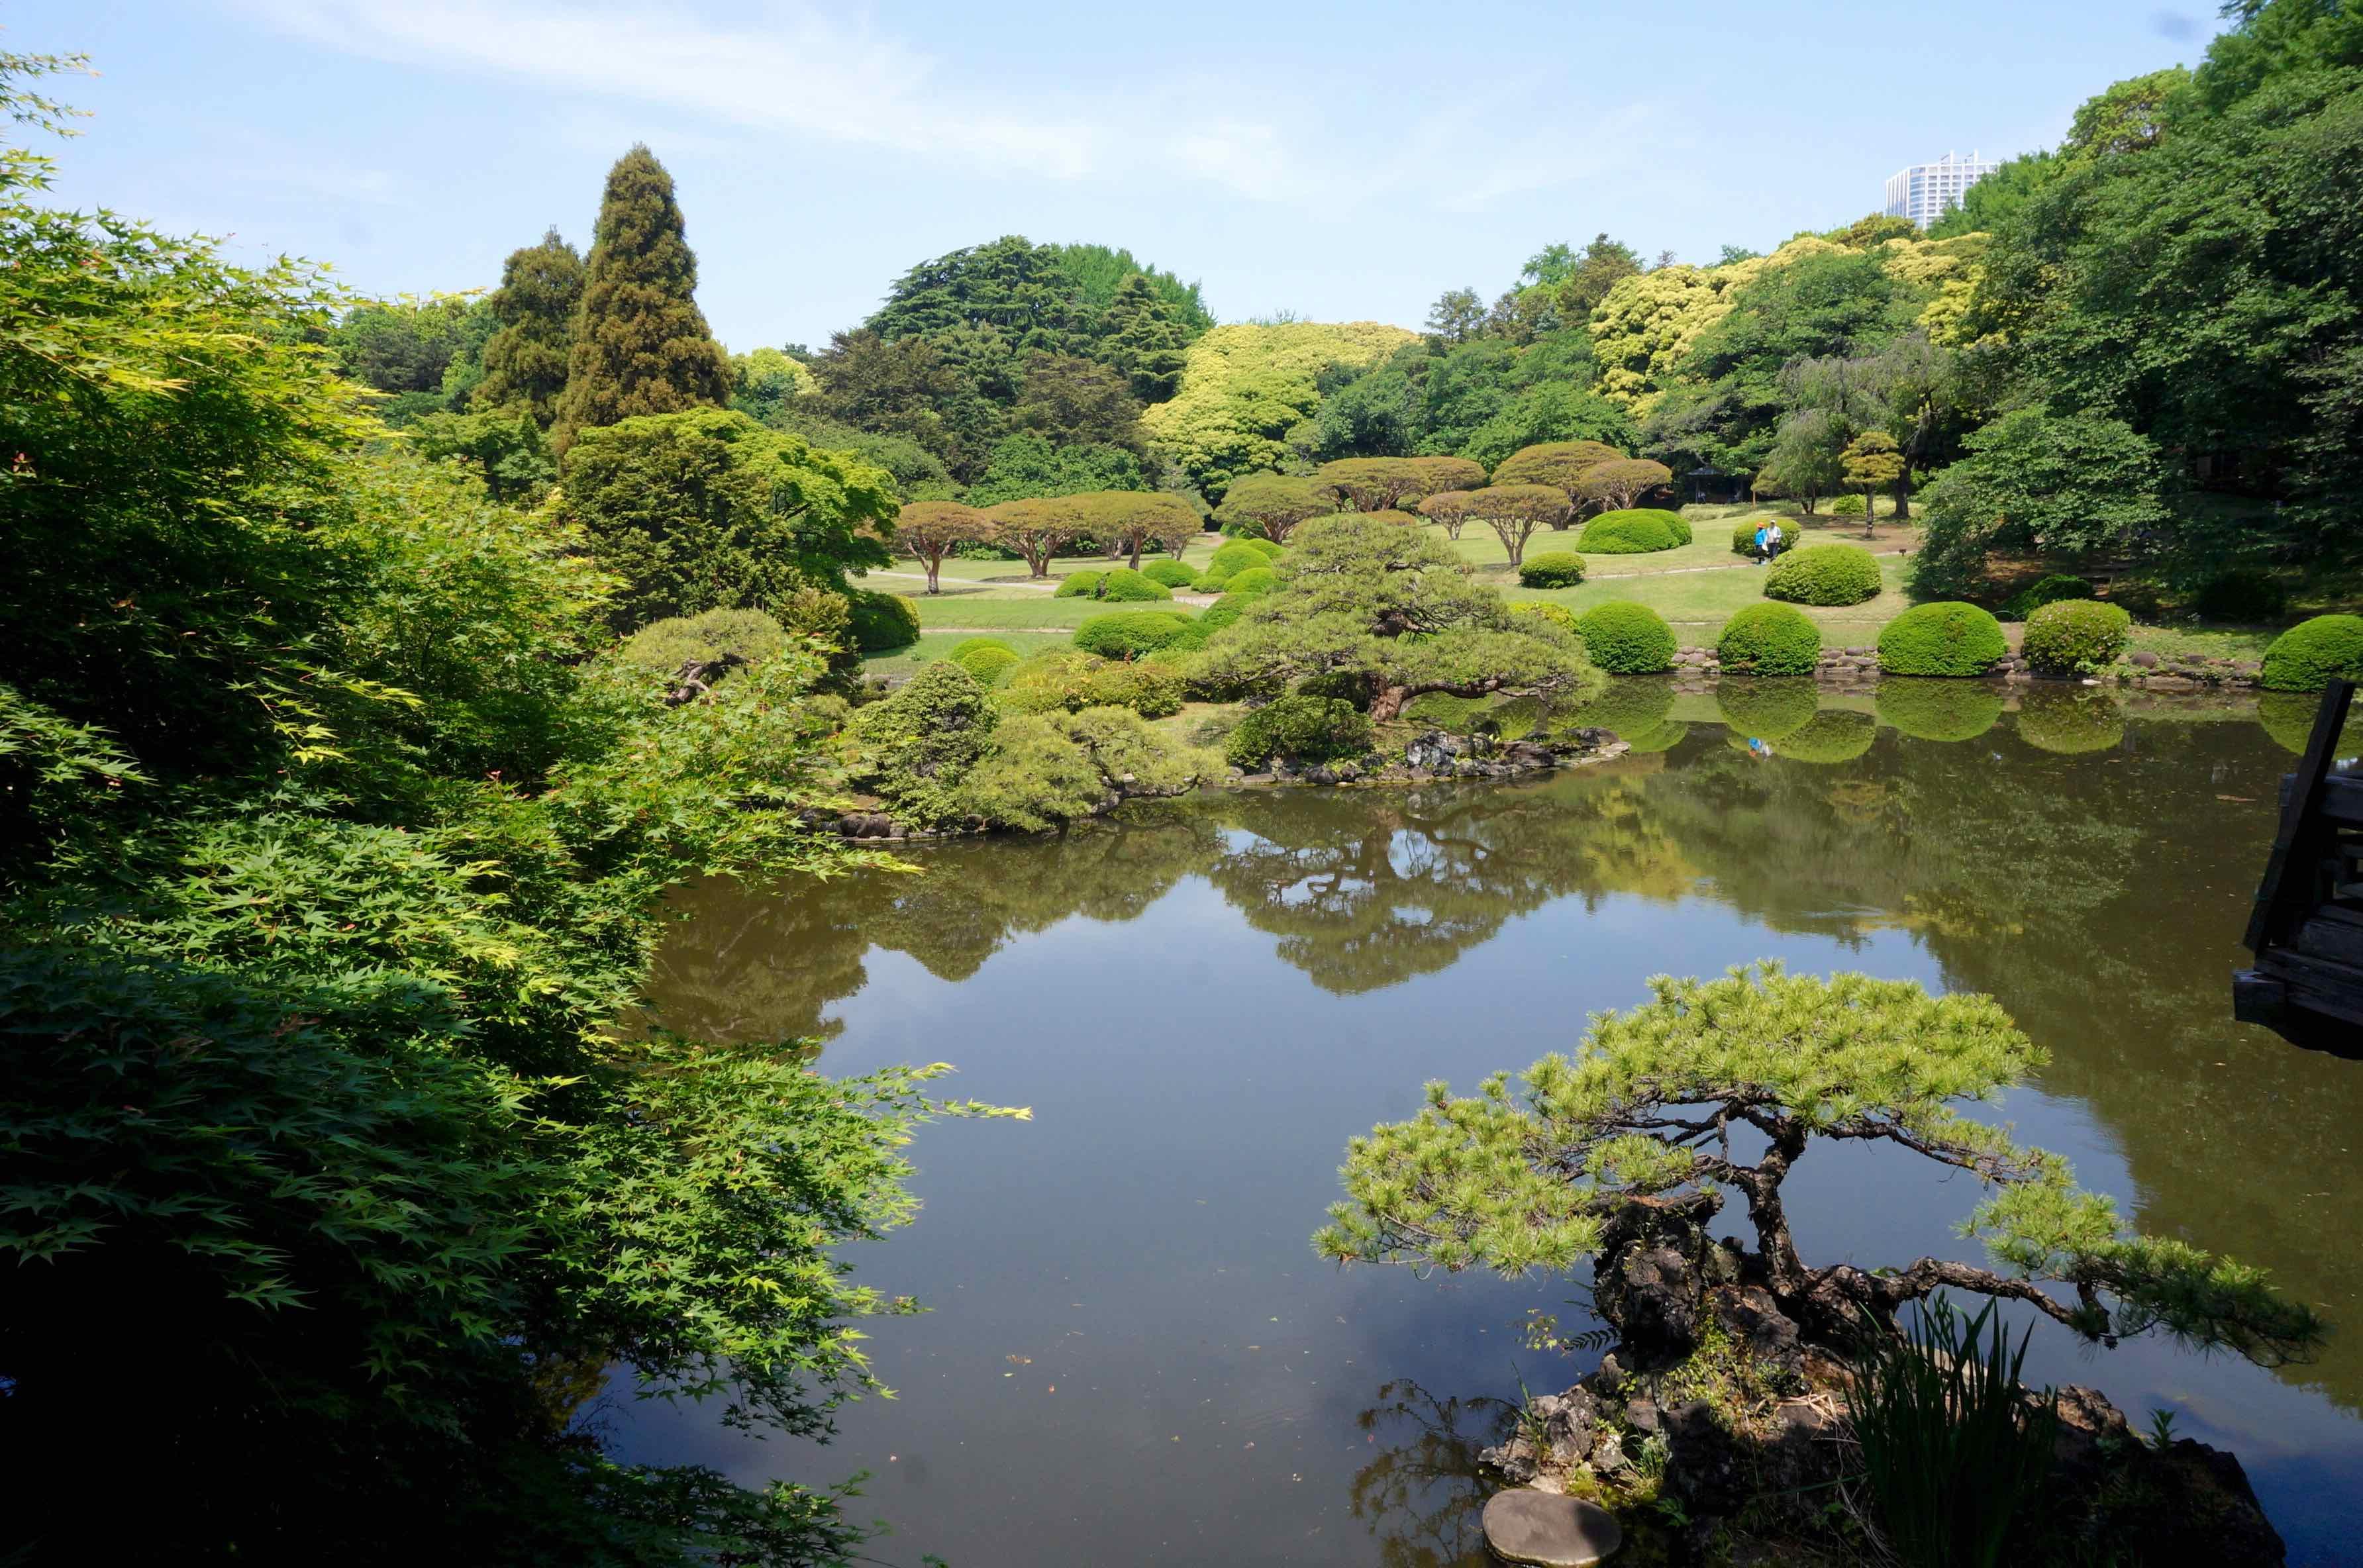 parc shinjuku gyoen, tokyo, japon